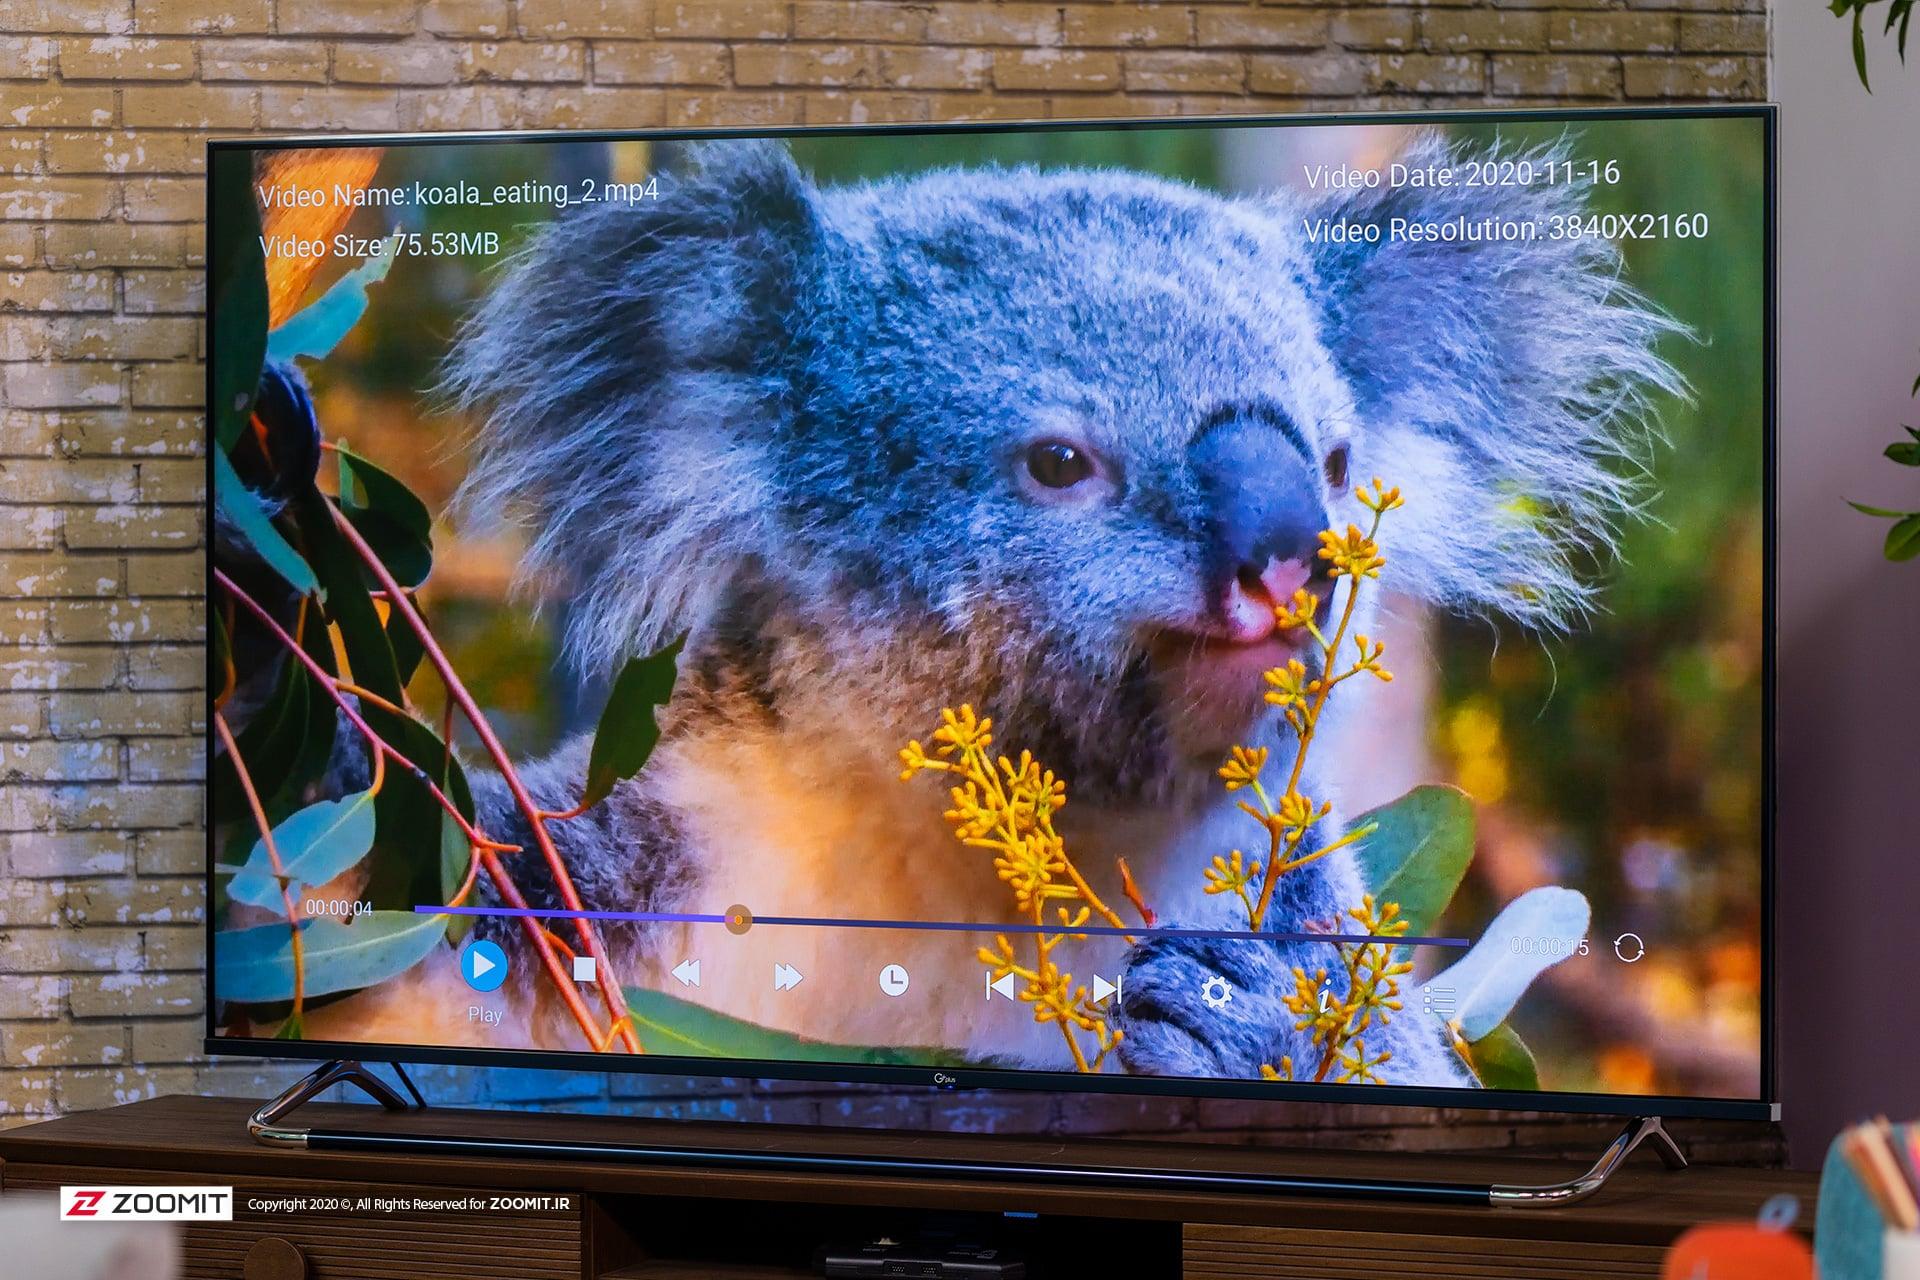 خرید تلوزیون جی پلاس - فروشگاه اقساطی 10کالا